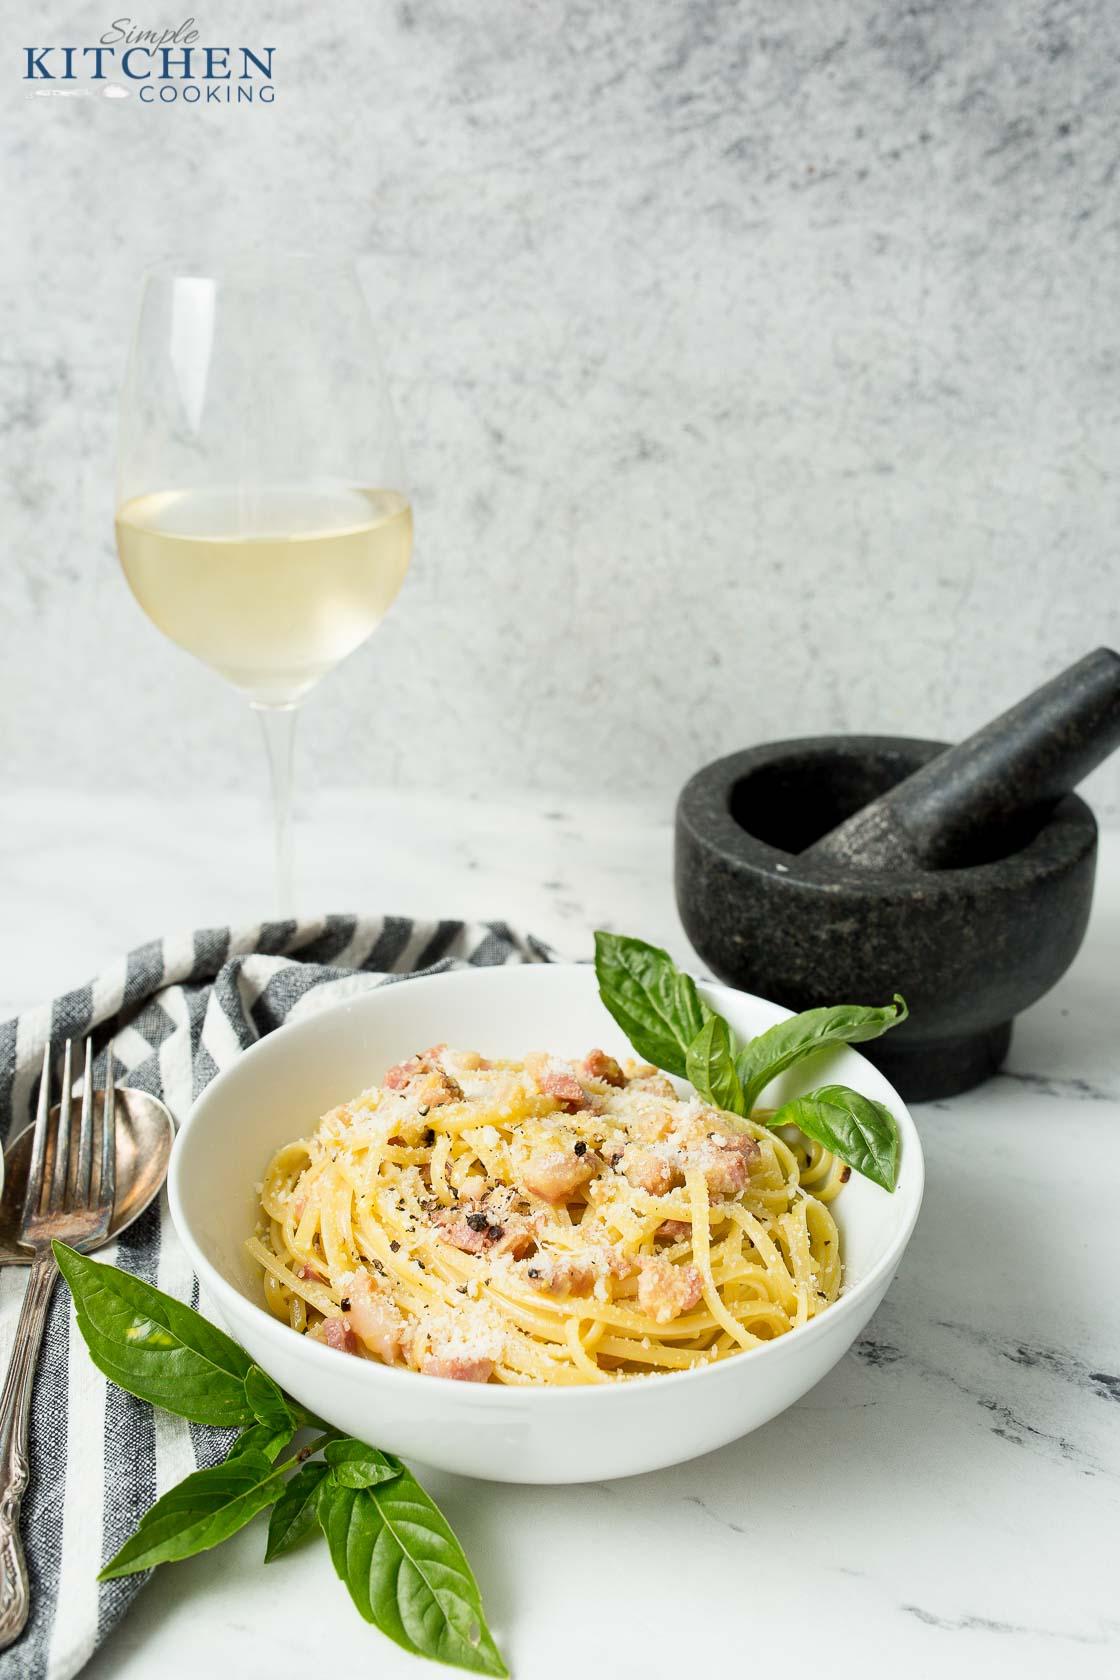 How to Make Pasta Carbonara Recipe